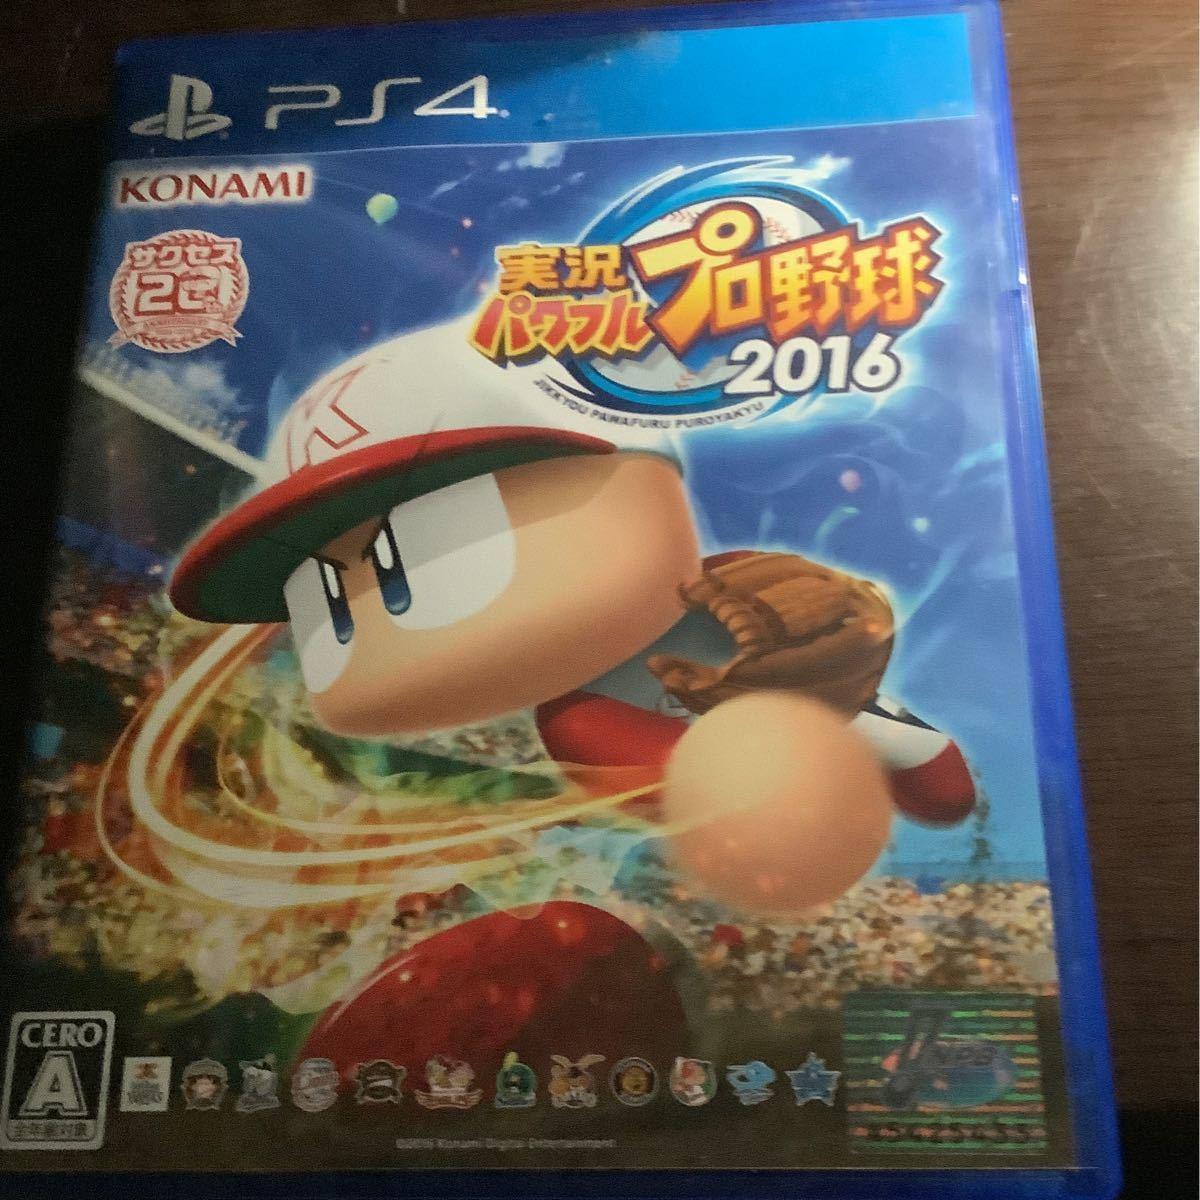 PS4 実況パワフルプロ野球 ソフト パワプロ 実況パワフルプロ野球2016